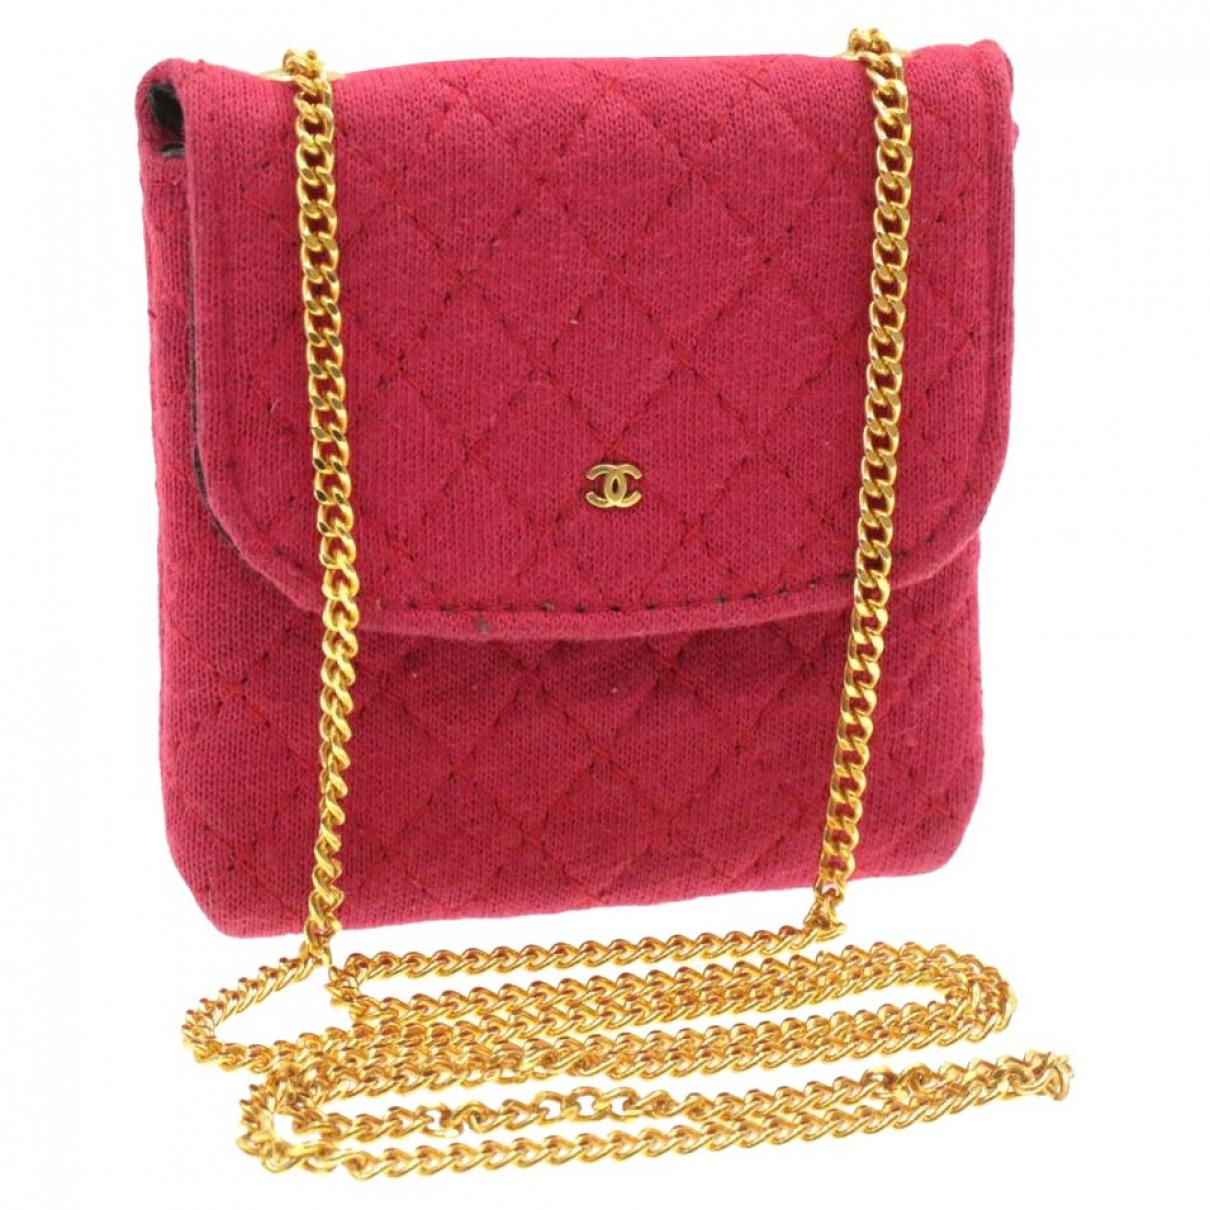 Bolso de Lona Chanel